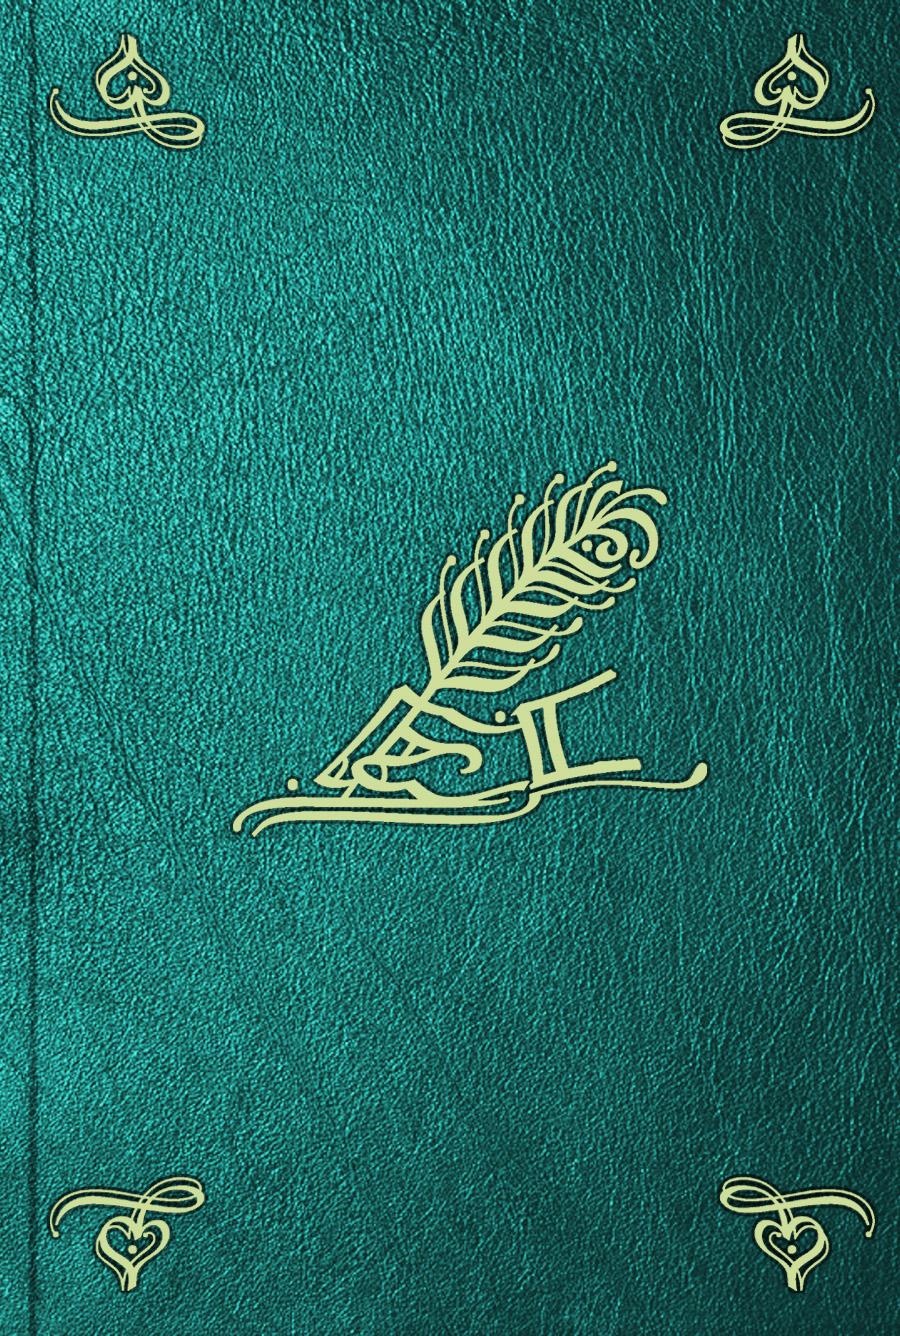 George Annesley Valentia Voyages dans l'Hindoustan, à Ceylon, sur les deux côtes de la Mer rouge, en Abyssinie et en Égypte, durant les années 1802, 1803, 1804, 1805 et 1806. T. 4 vue sur mer® свитер